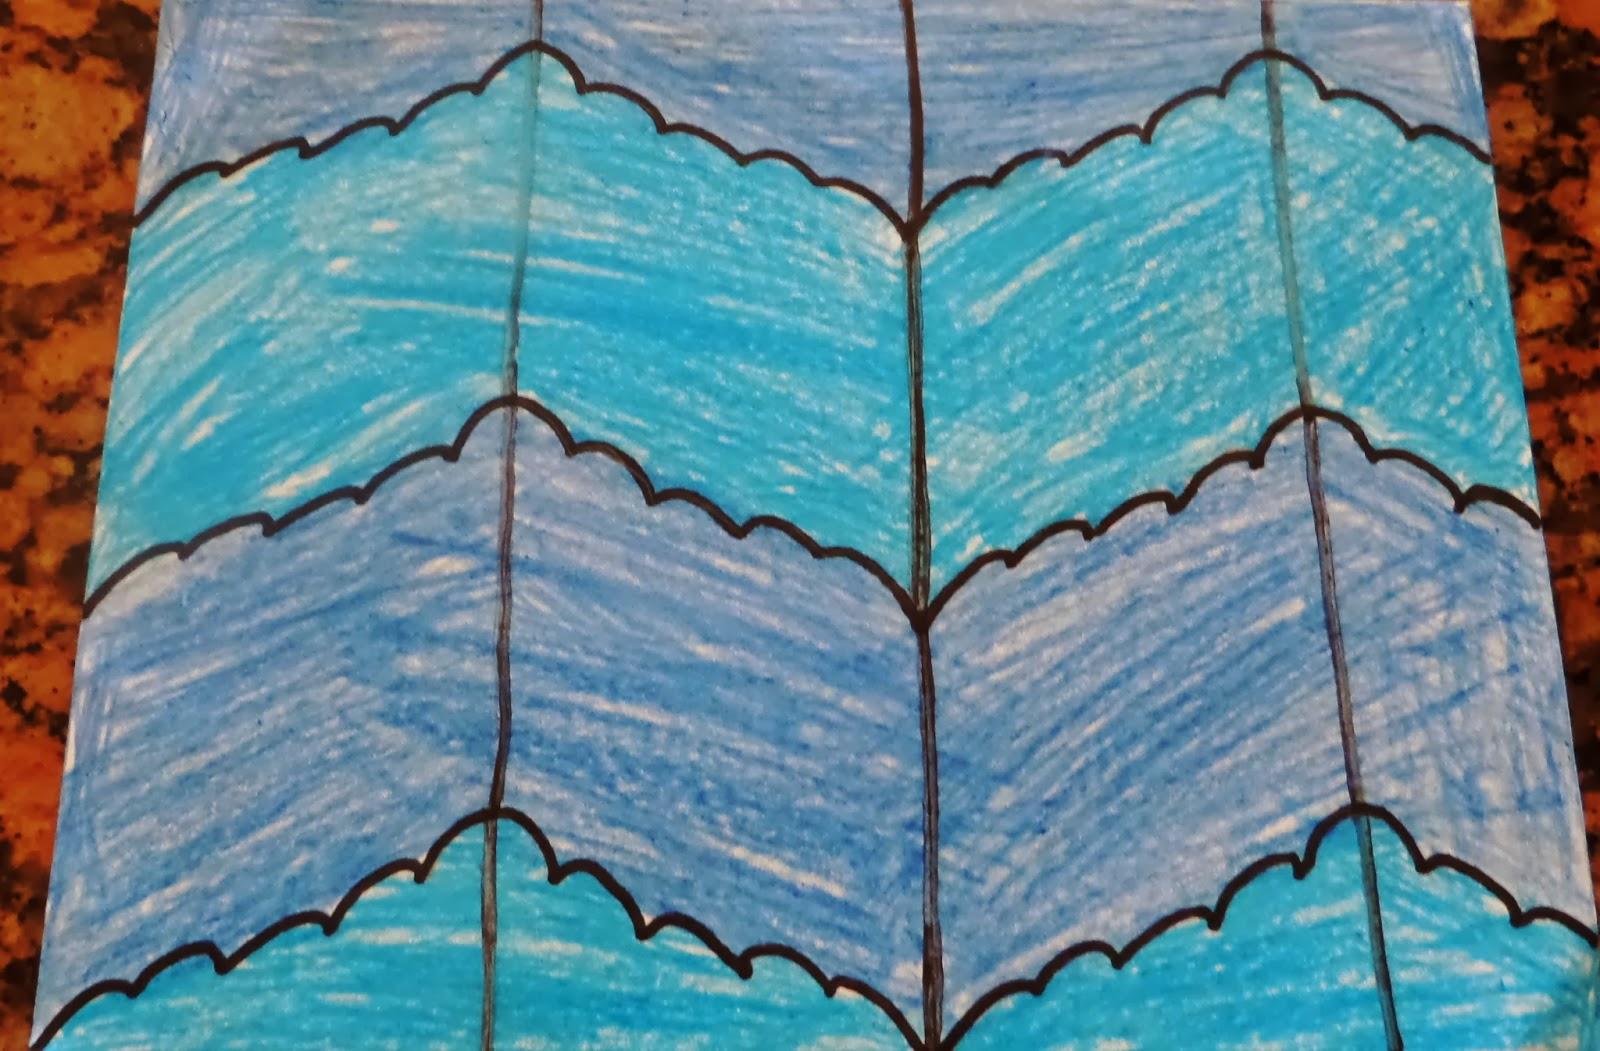 Teaching With Tlc Fun Math Art Ideas